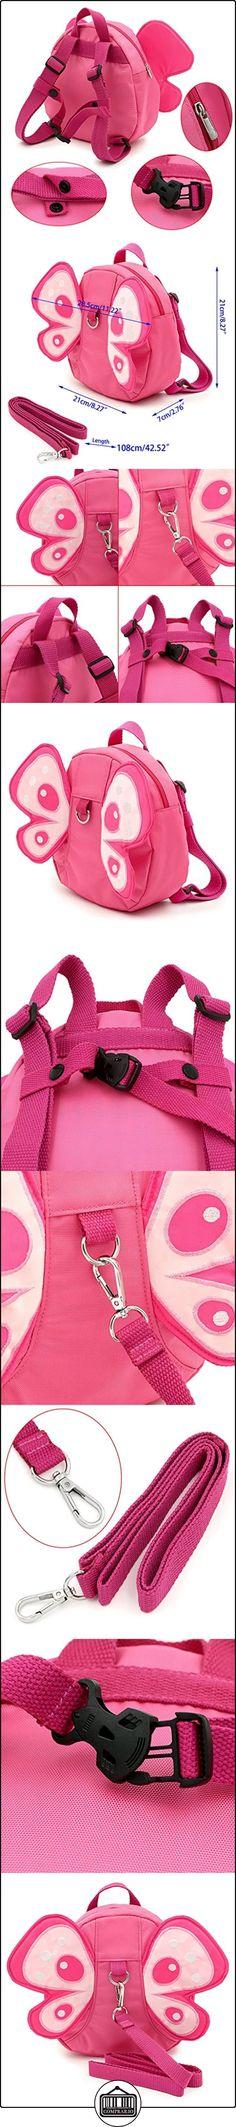 BTSKY bebé mariposa con alas caminar arnés de seguridad Riendas Mochila Infantil Niño Kid correa bolsa rosa  ✿ Seguridad para tu bebé - (Protege a tus hijos) ✿ ▬► Ver oferta: http://comprar.io/goto/B01H6LLA6S